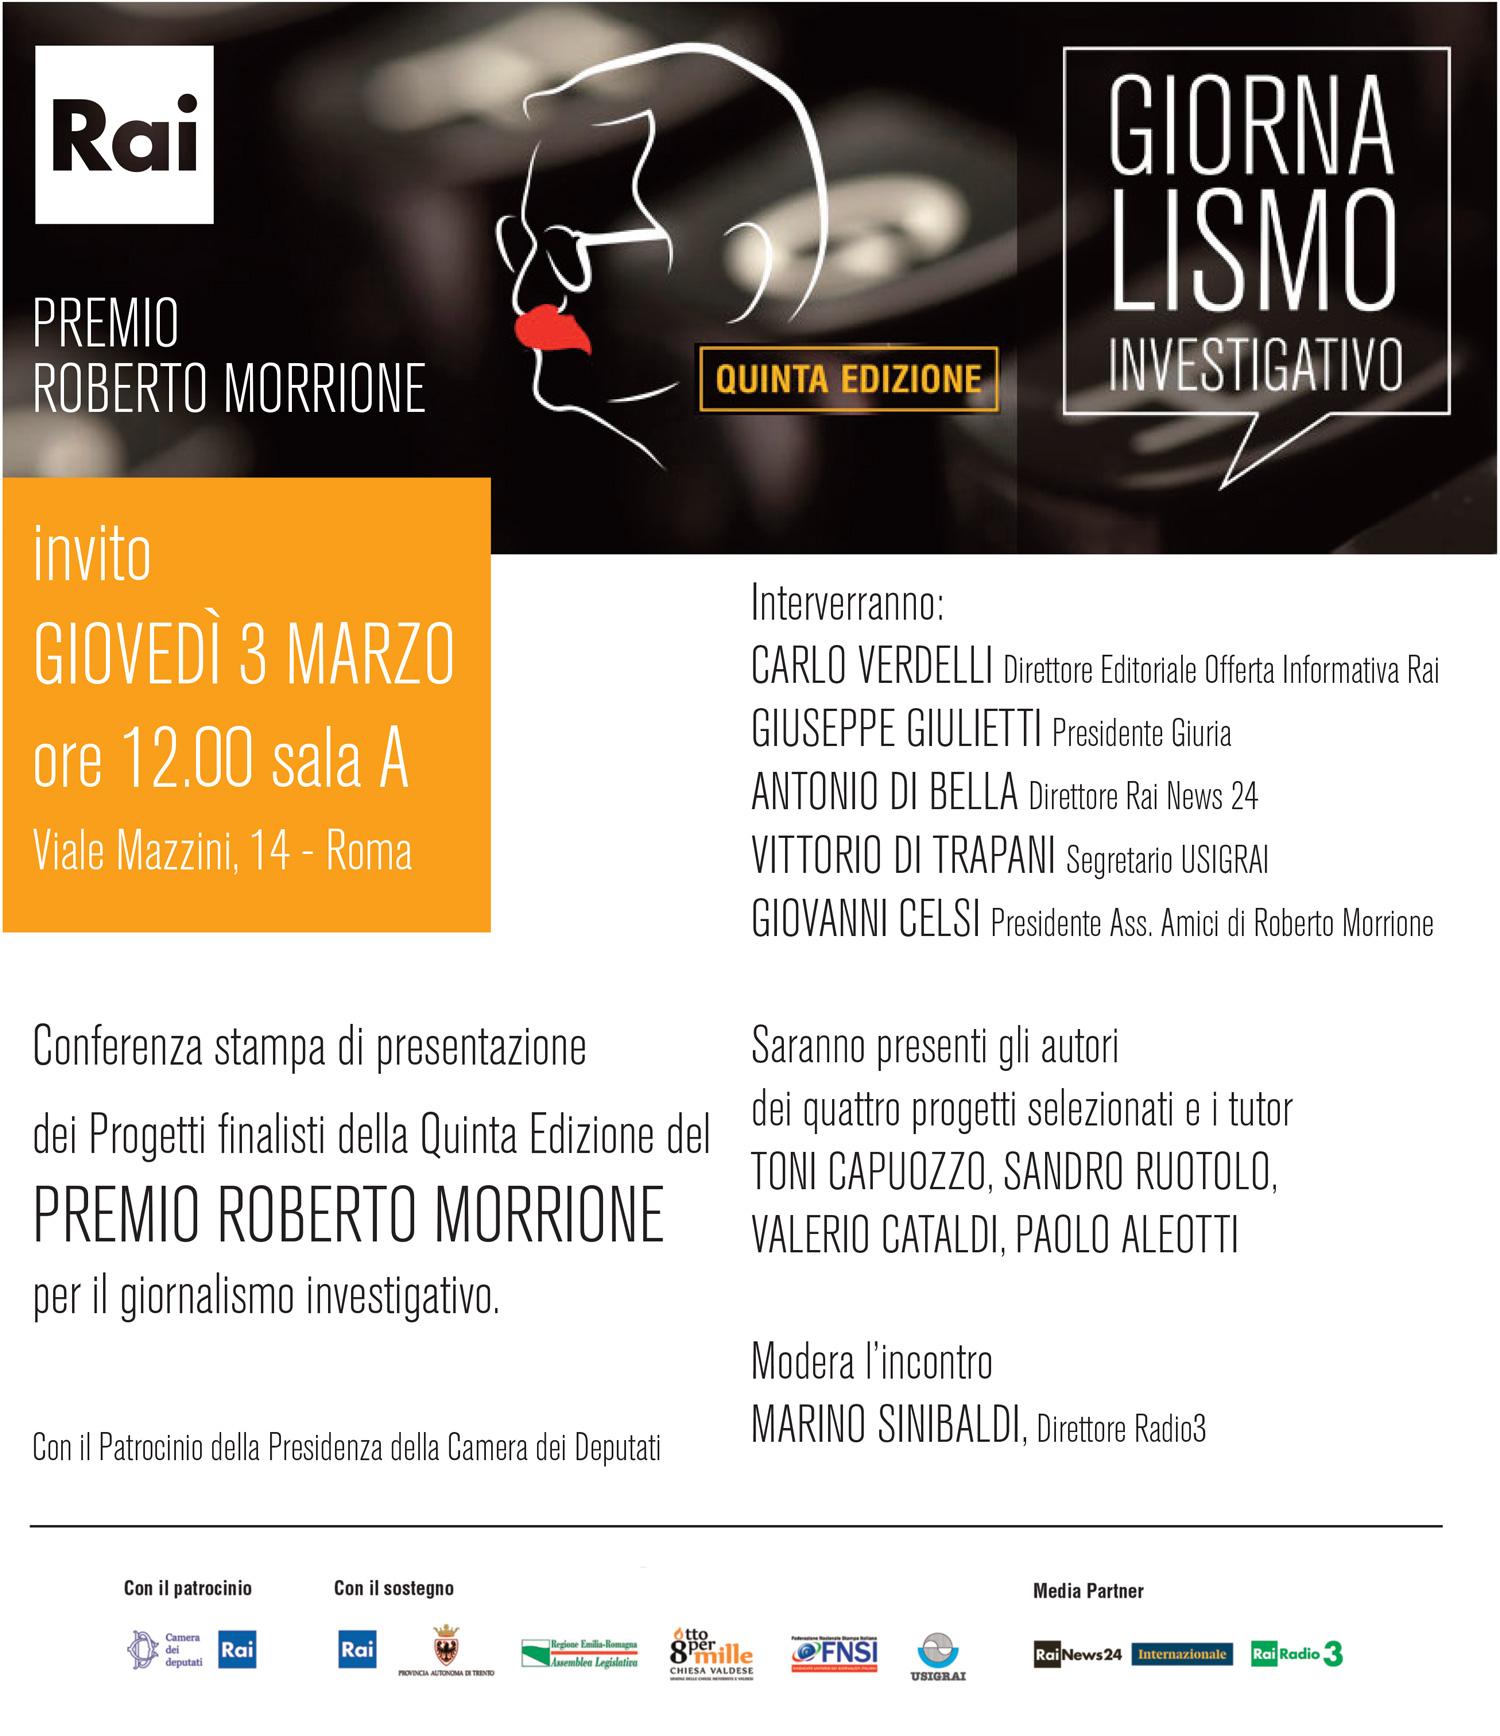 invito3marzo_PRM_finalisti